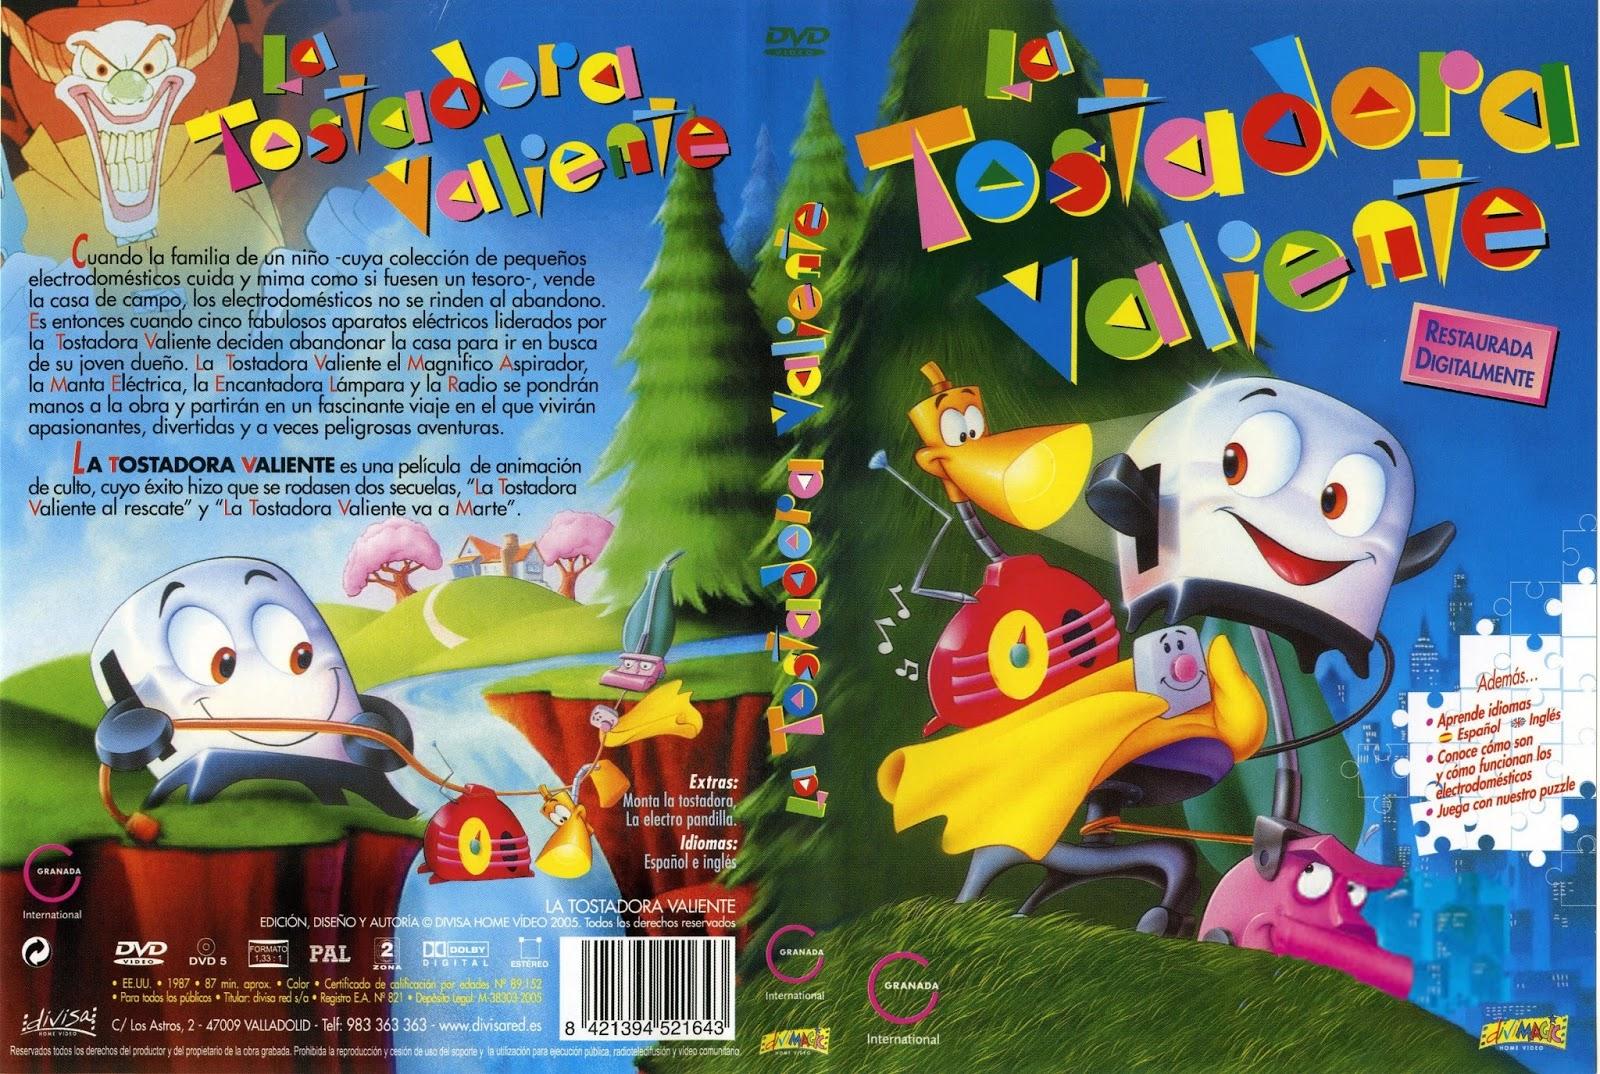 La tostadora valiente ( 1987 ) DescargaCineClasico.Net